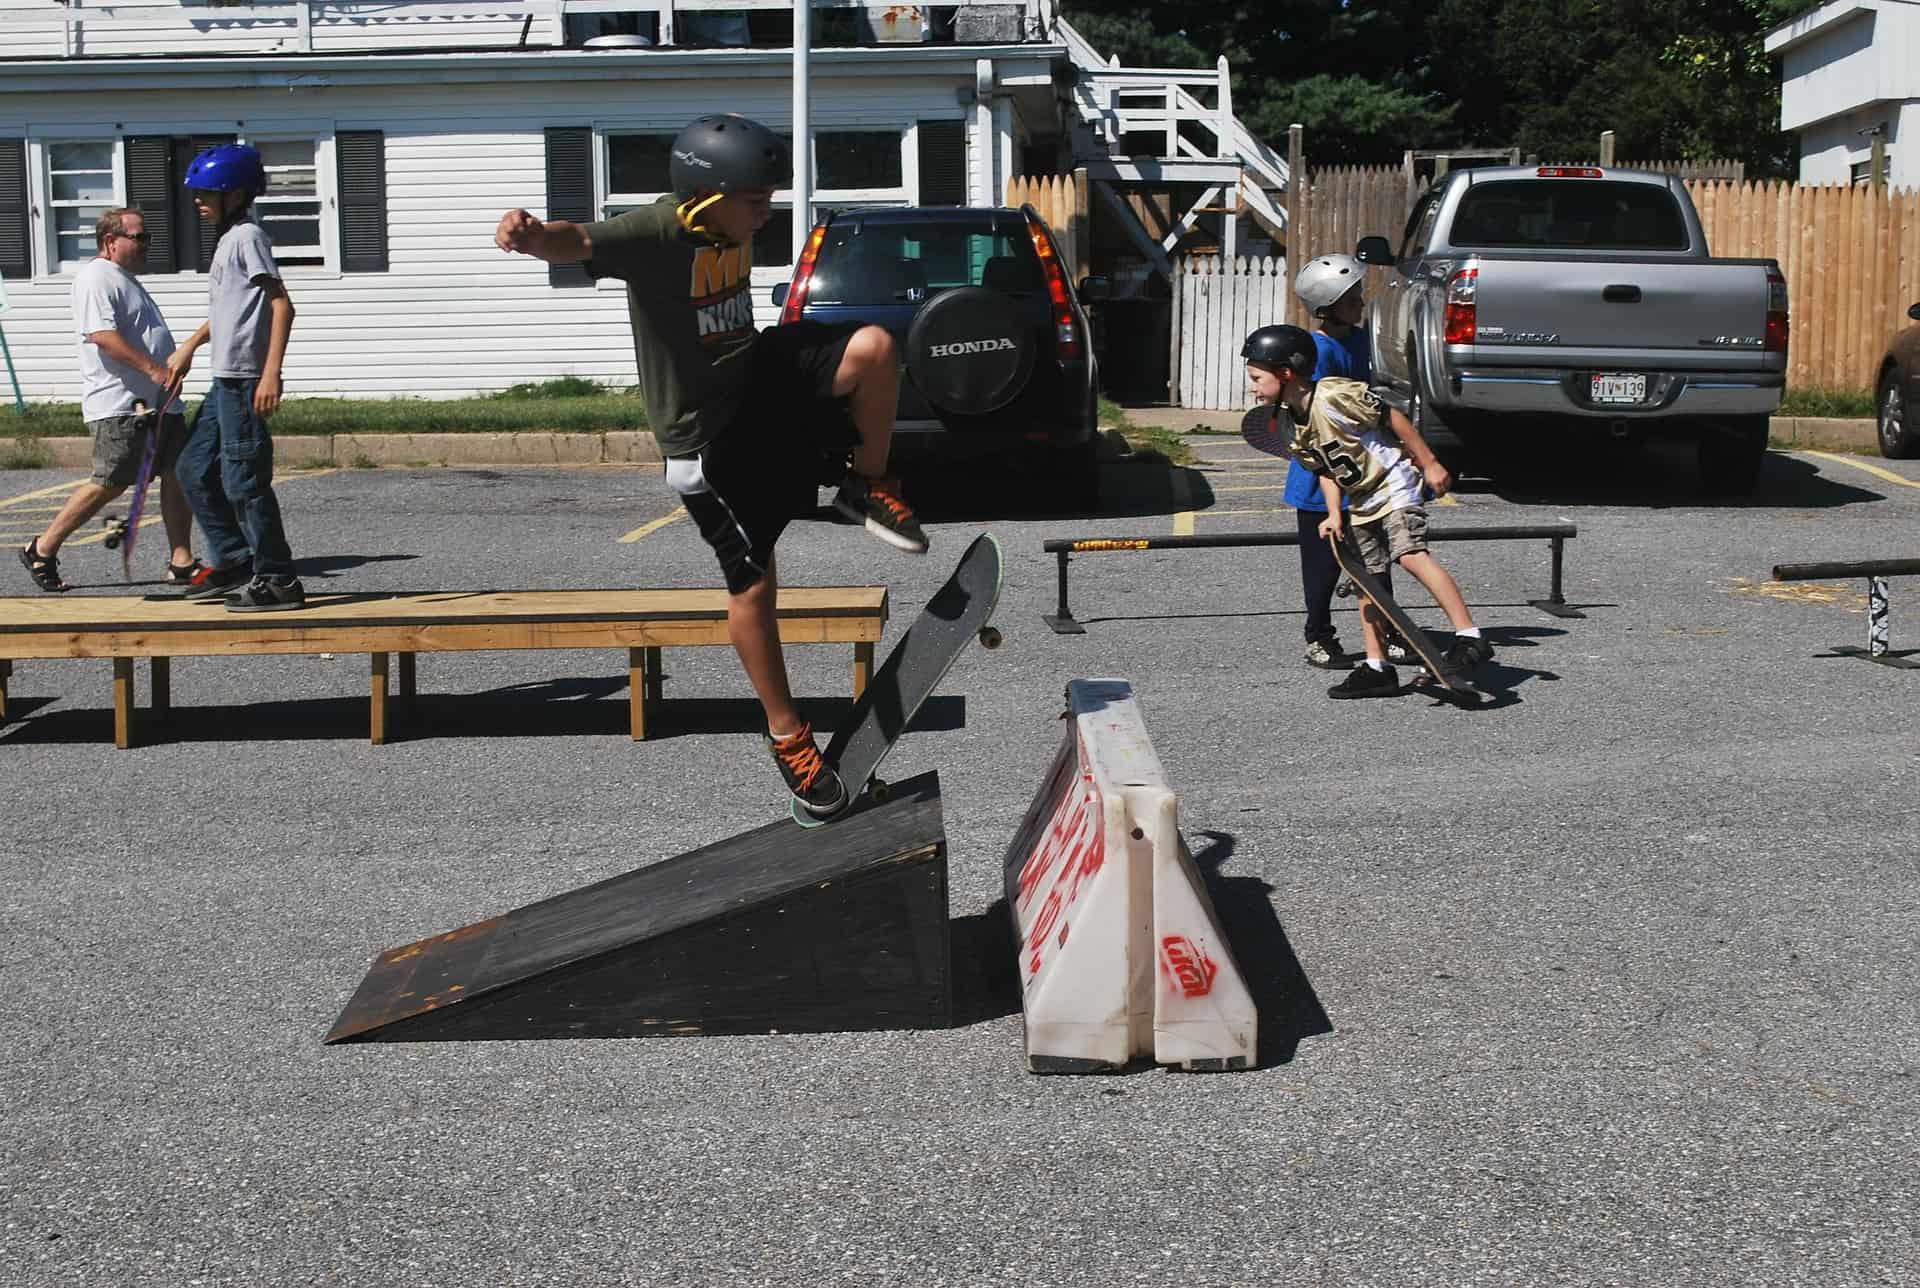 Skate infantil: Qual é o melhor modelo de 2020?